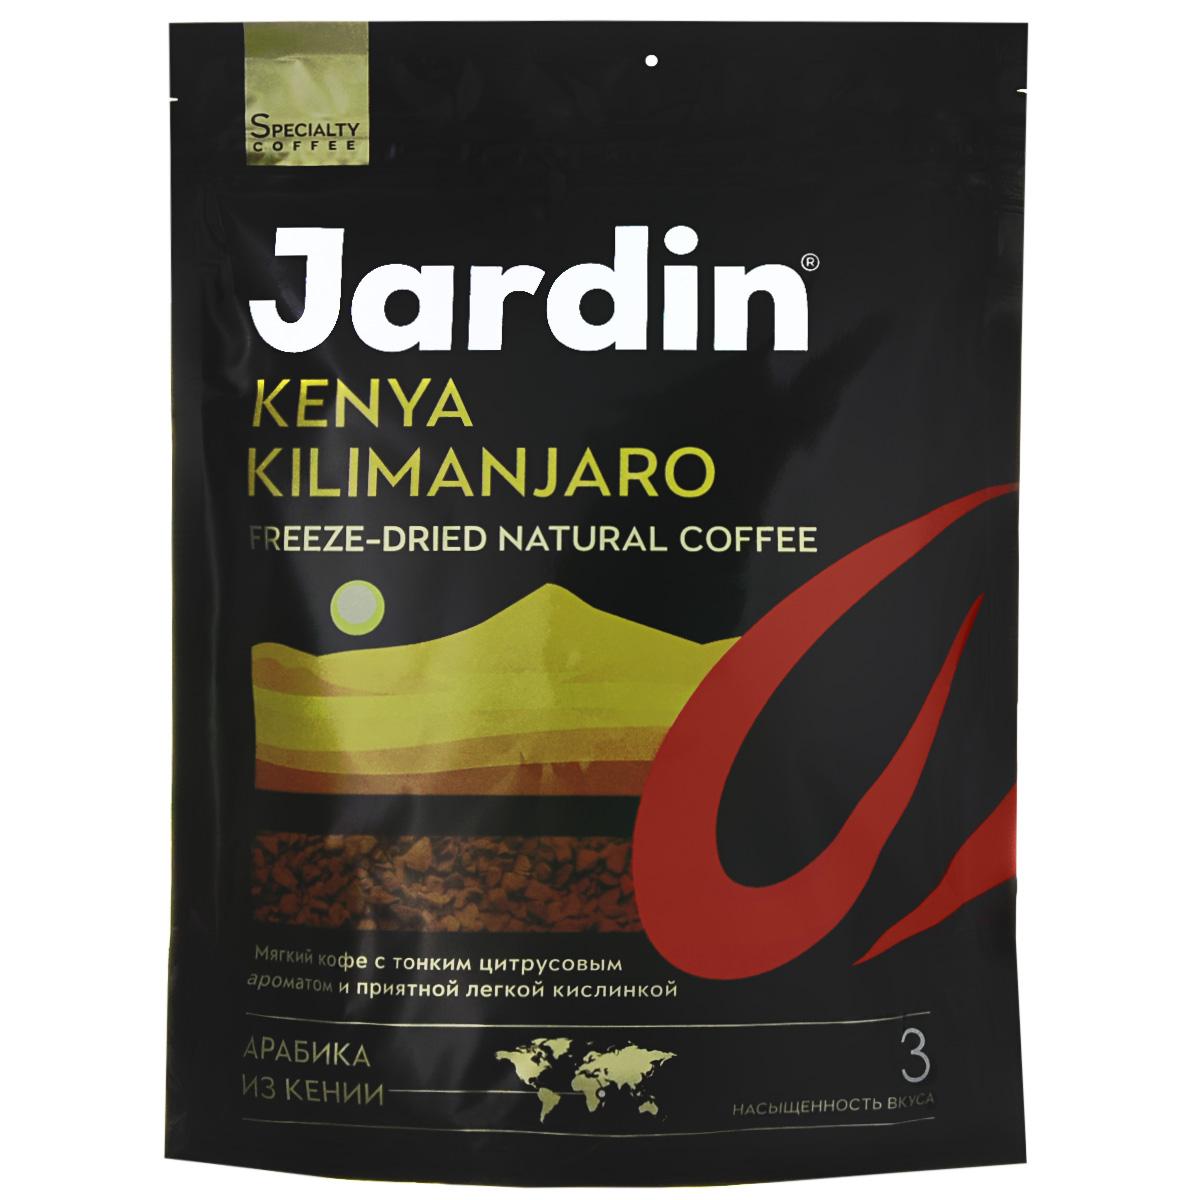 Jardin Kenya Kilimanjaro кофе растворимый, 75 г (м/у)1017-24Растворимый кофе Jardin Kenya Kilimanjaro обладает тонким цитрусовым ароматом и сладким ягодным послевкусием. Это один из самых интересных видов Арабики, произрастающей в Кении.